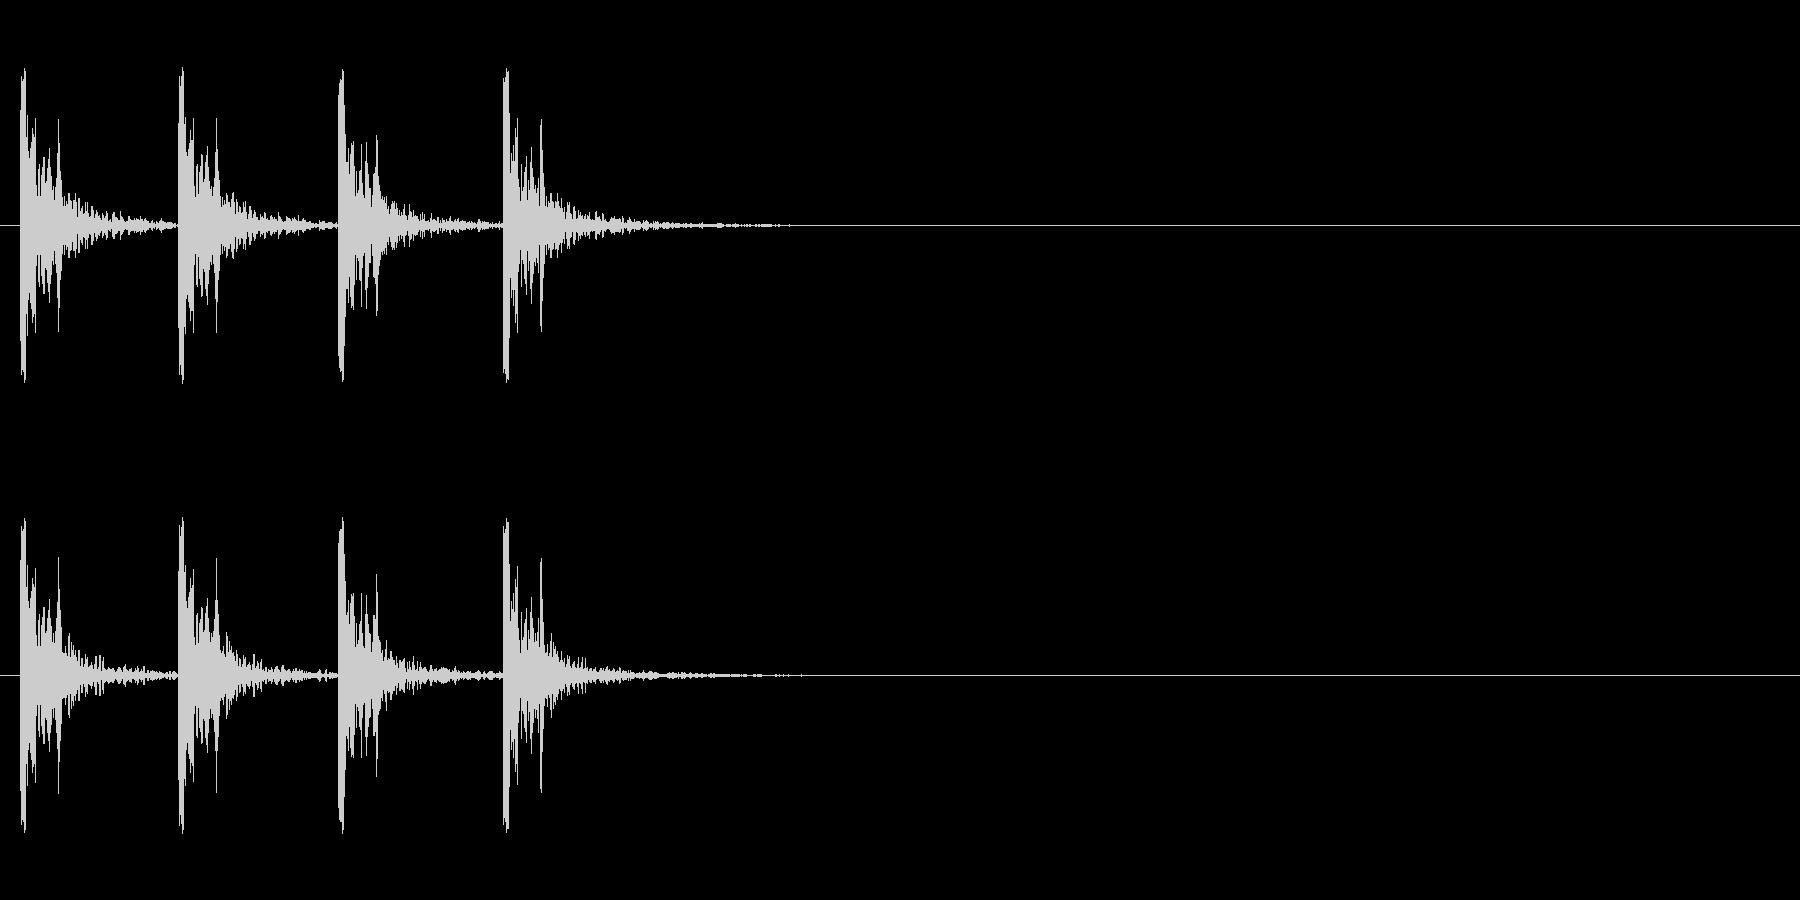 カウント音、バスドラムの未再生の波形